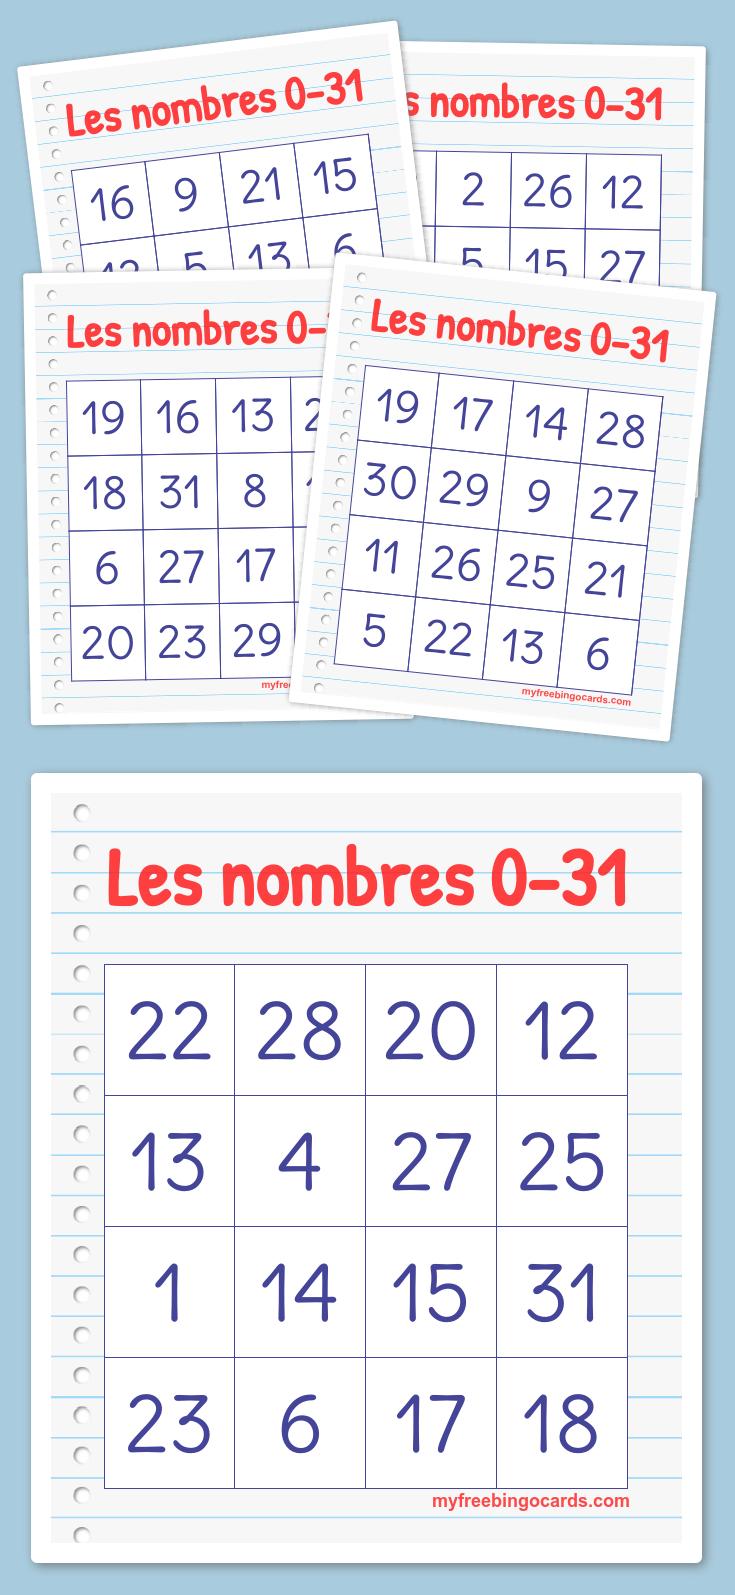 Les Nombres 0-31 Bingo | Bingo Cards Printable, Free